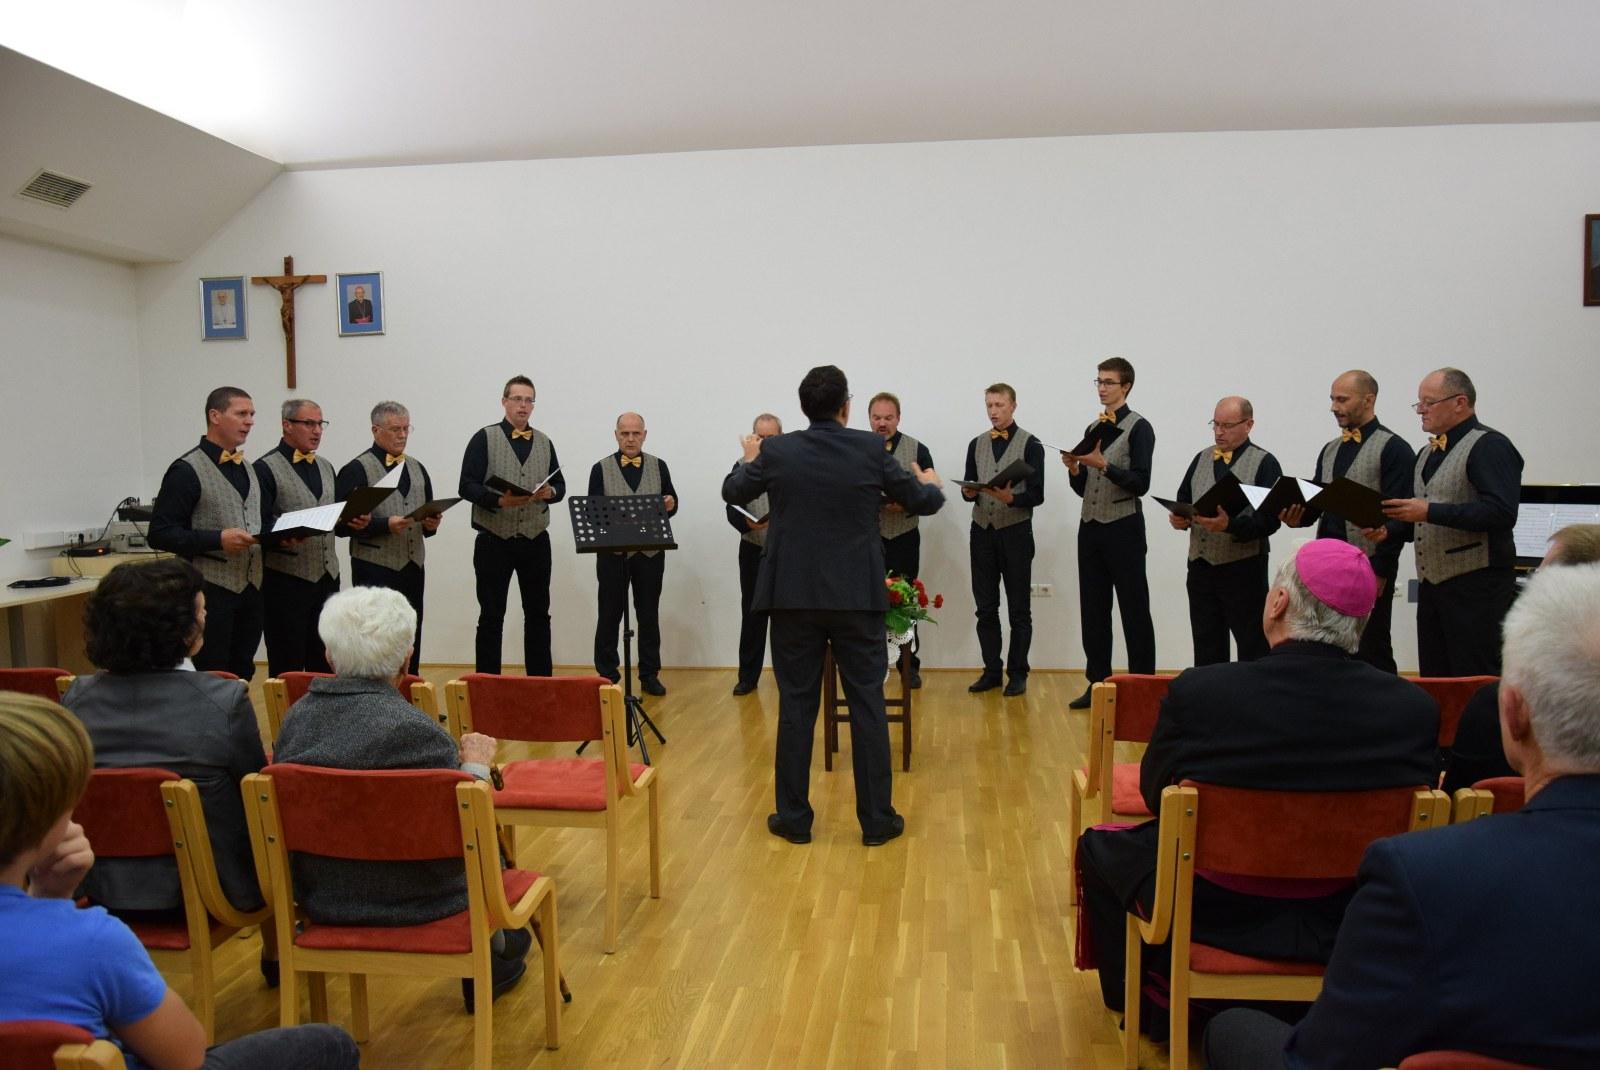 Akademija ob 80-letnici začetka gradnje župnijske cerkve